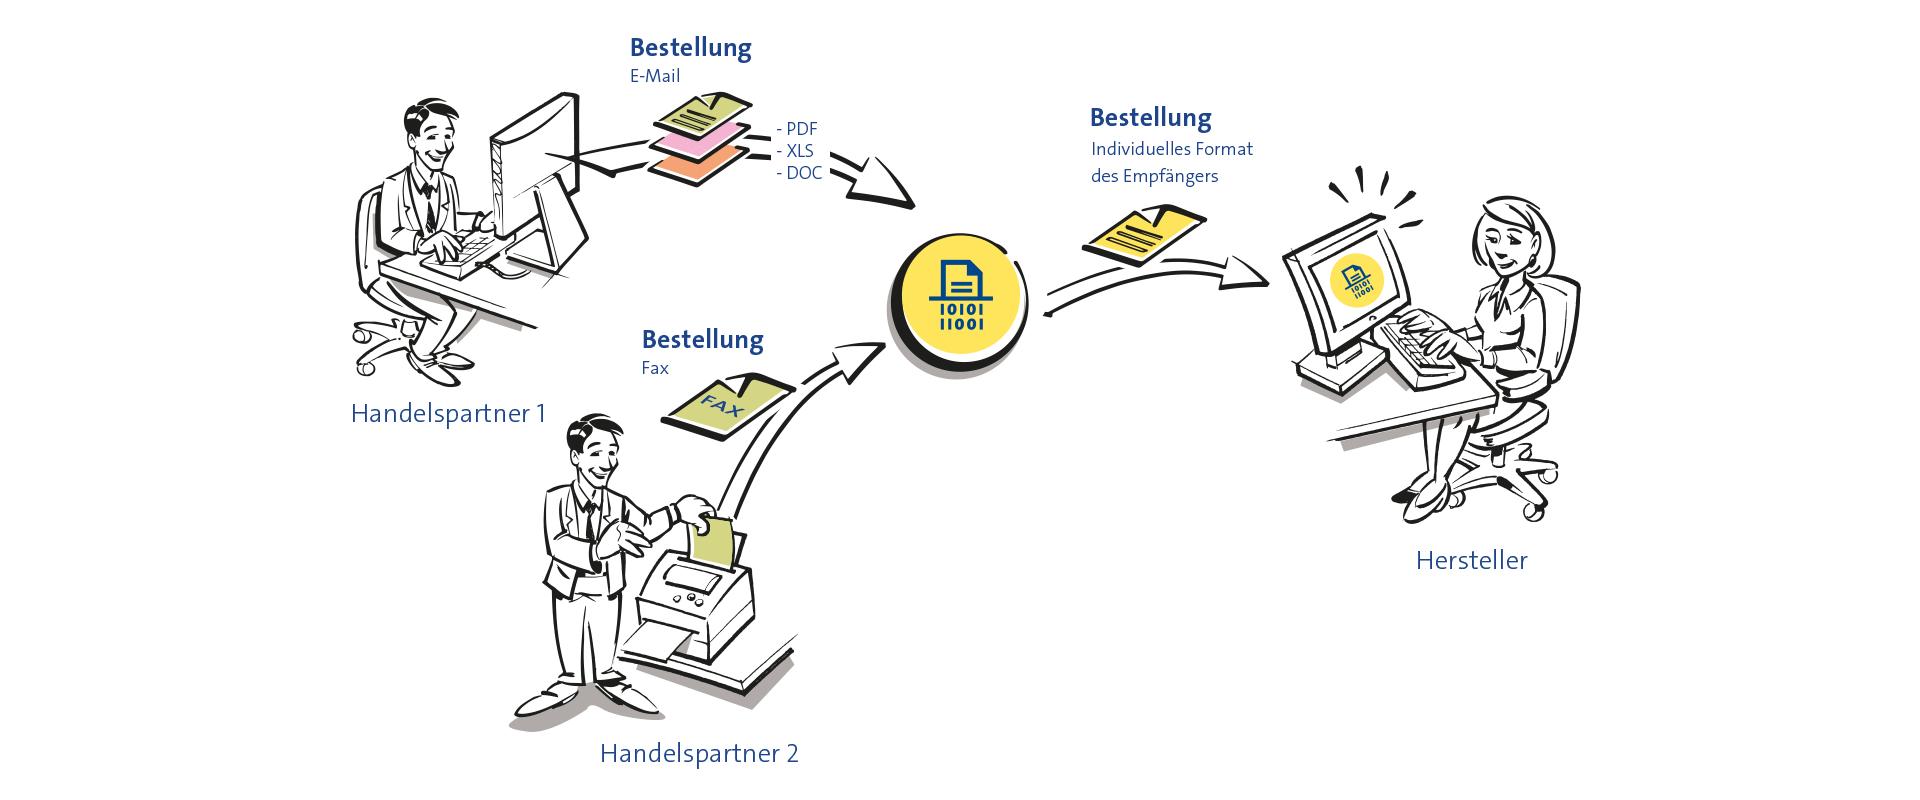 documents to EDI – Ihre automatische Bestellerfassung